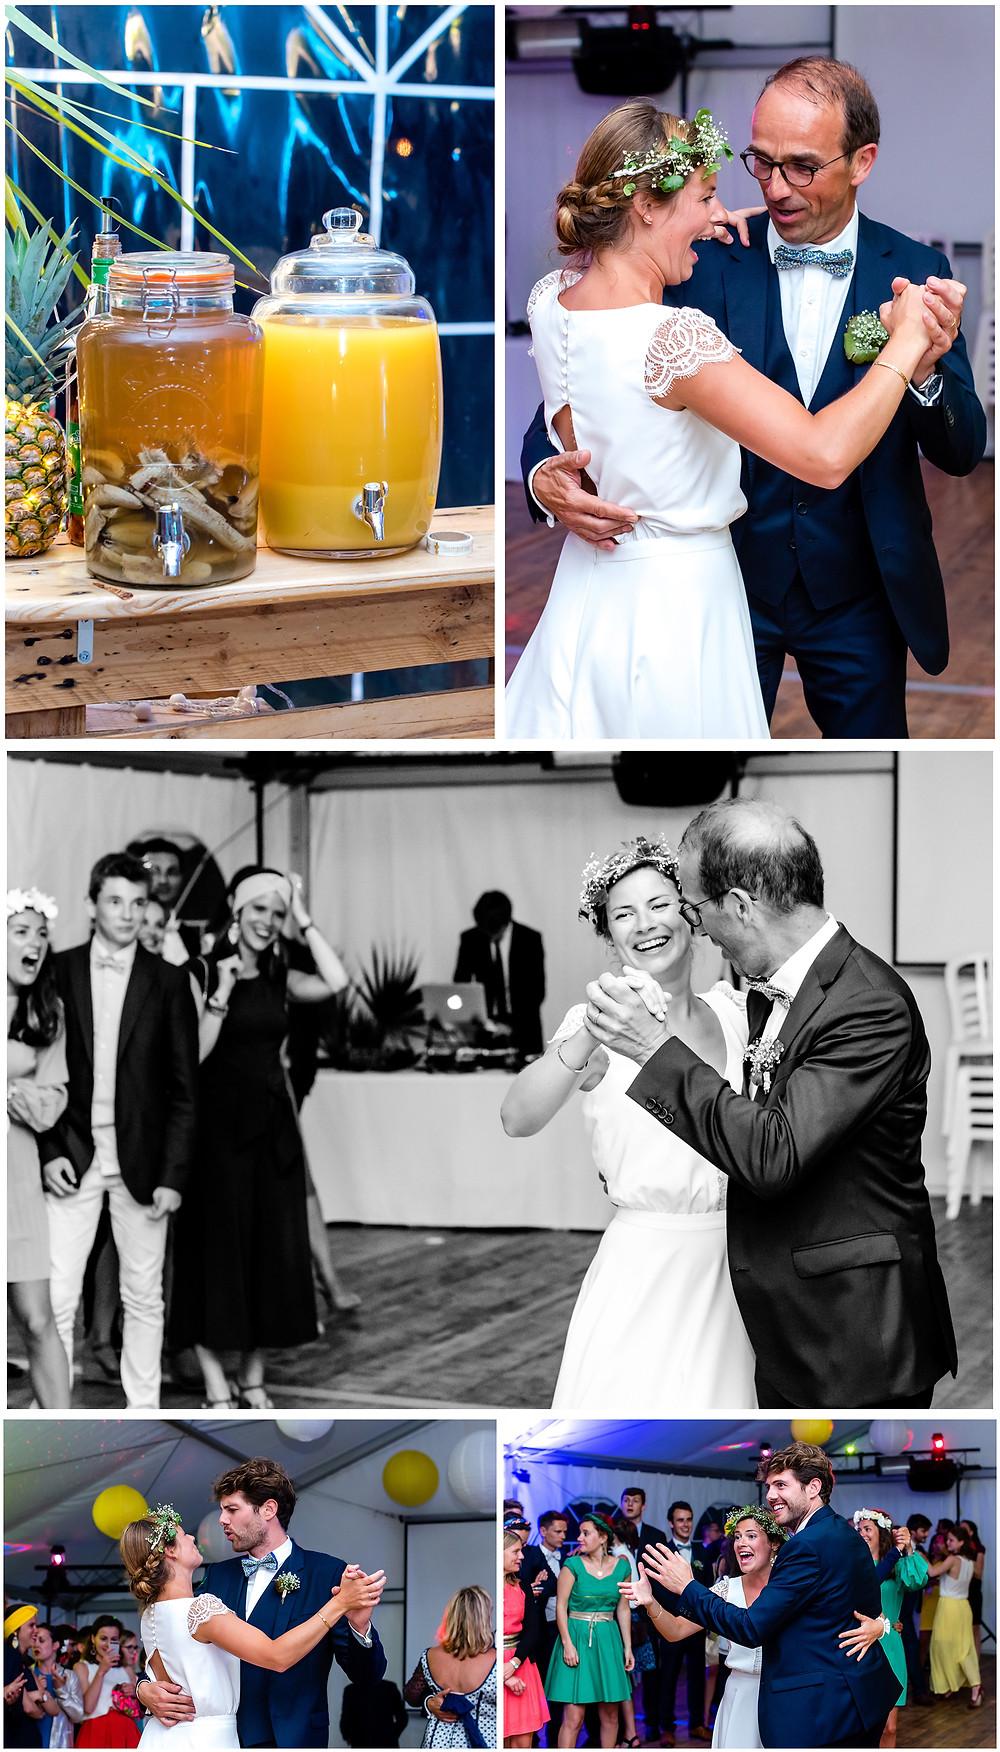 Mariage àl'Ile Tudy - Manoir de Kérouzien - photos soirée - Brigitte Delibes Photographie - Photographe Mariage Nantes